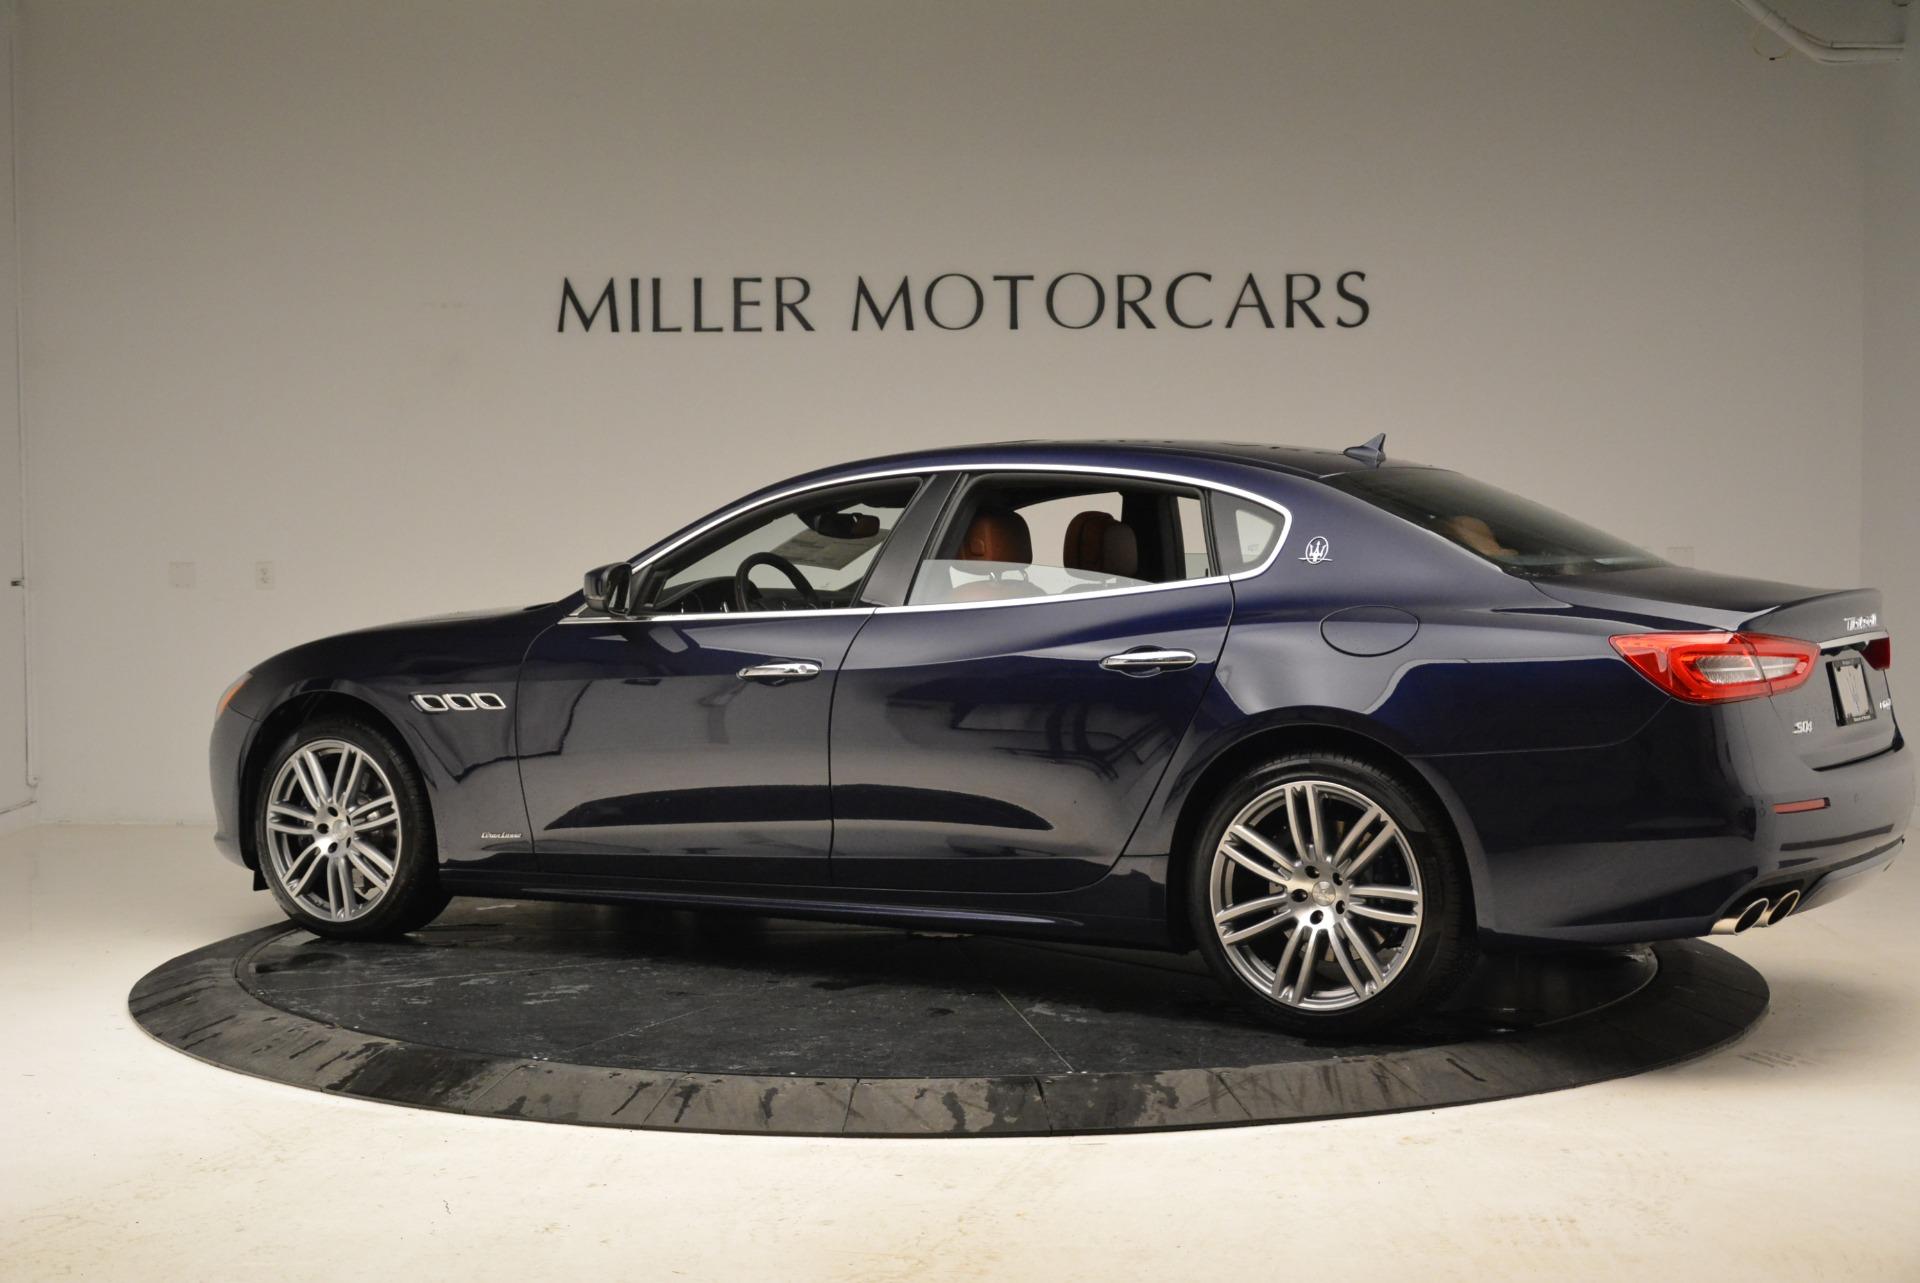 New 2018 Maserati Quattroporte S Q4 GranLusso For Sale In Greenwich, CT 1816_p4